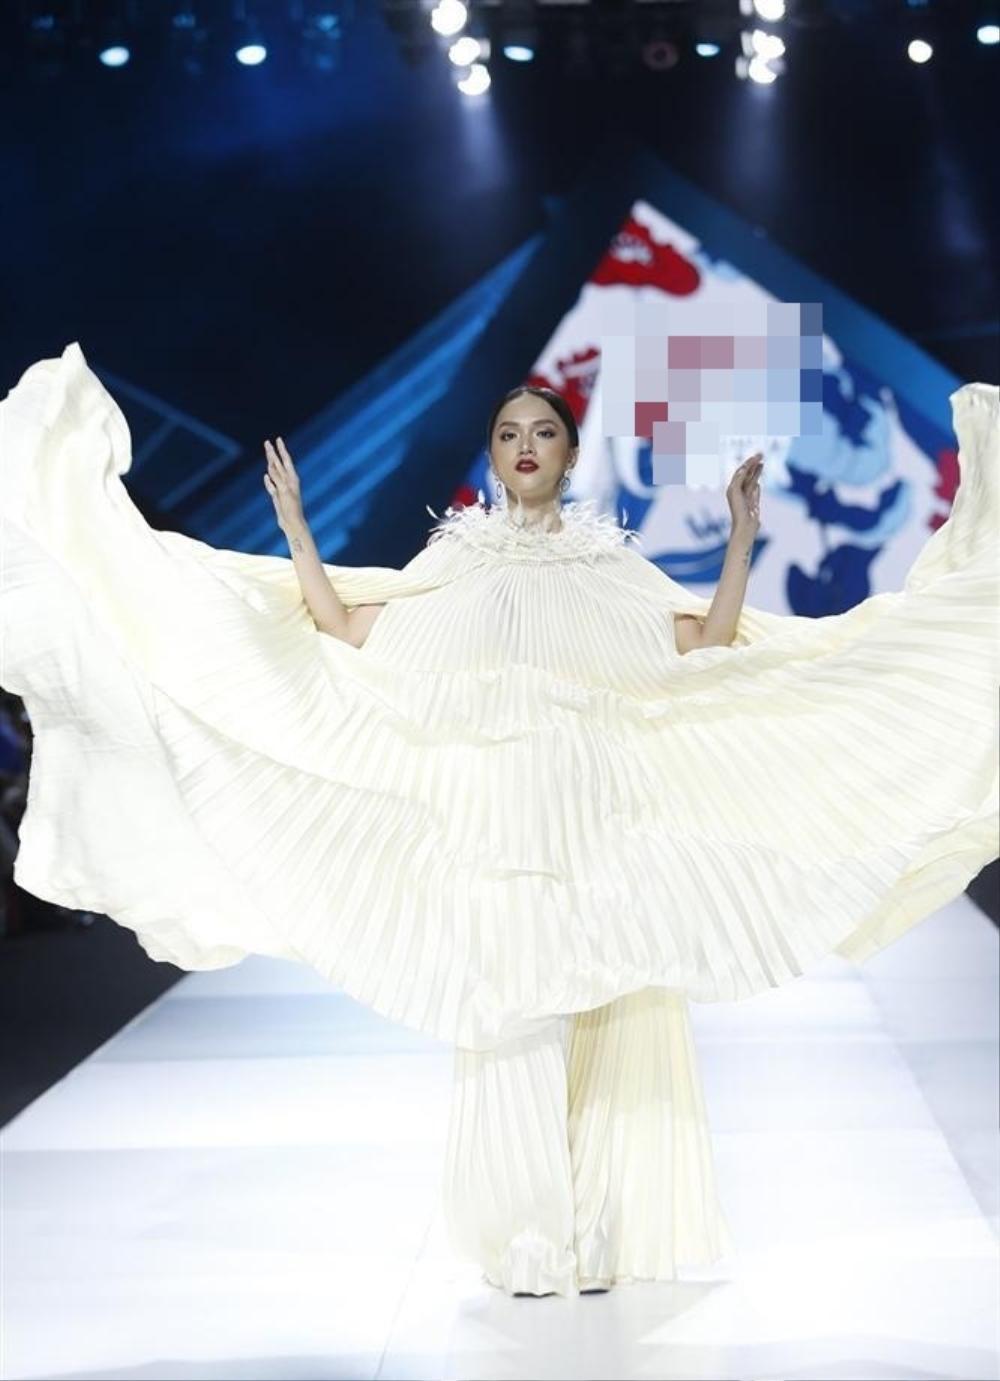 Hương Giang và Lynk Lee catwalk: người nhẹ tựa gió thoảng, người thần thái như nữ hoàng Ảnh 11